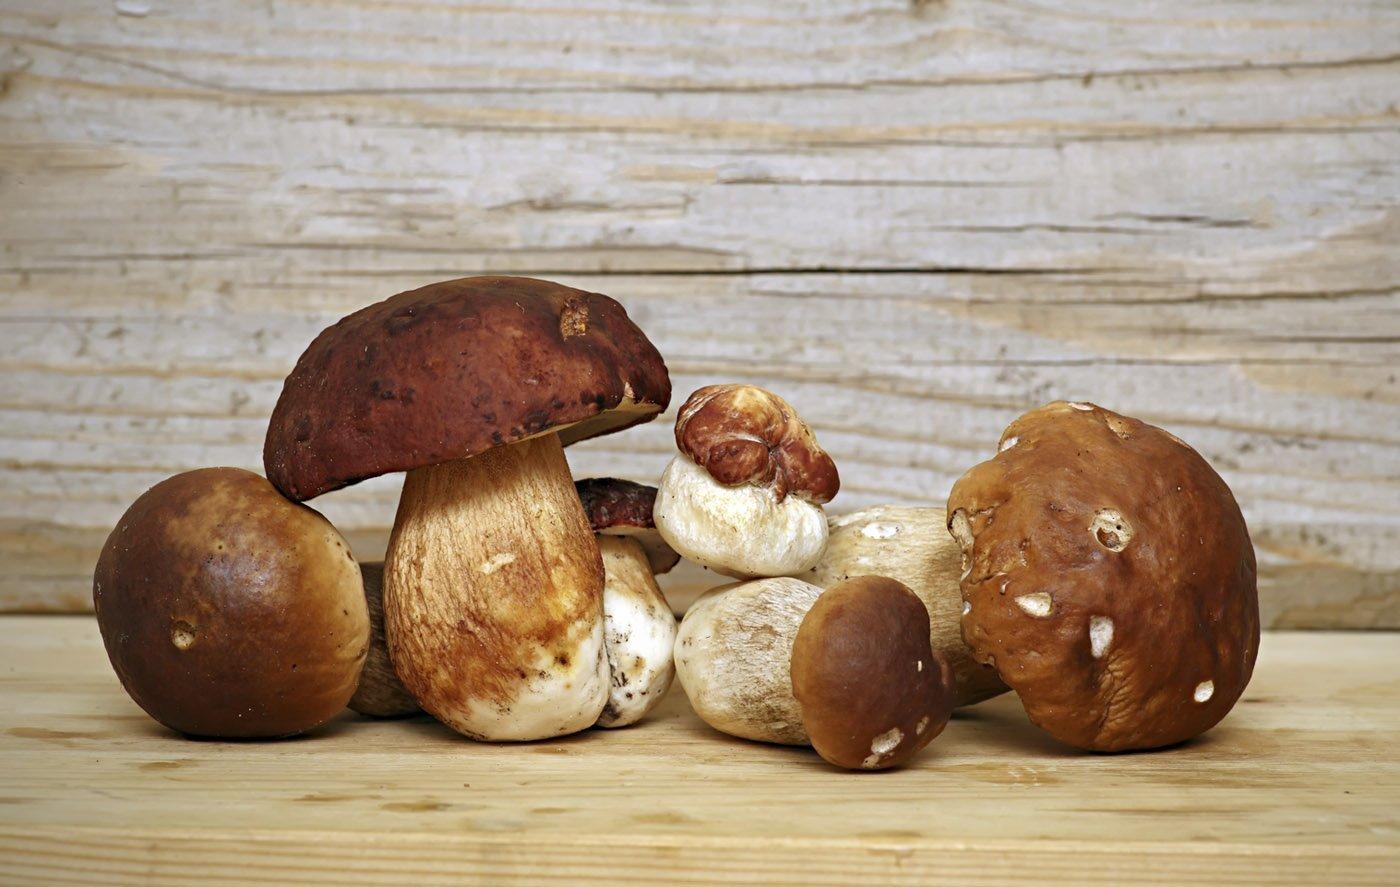 Come coltivare i funghi porcini. Sempre che sia possibile